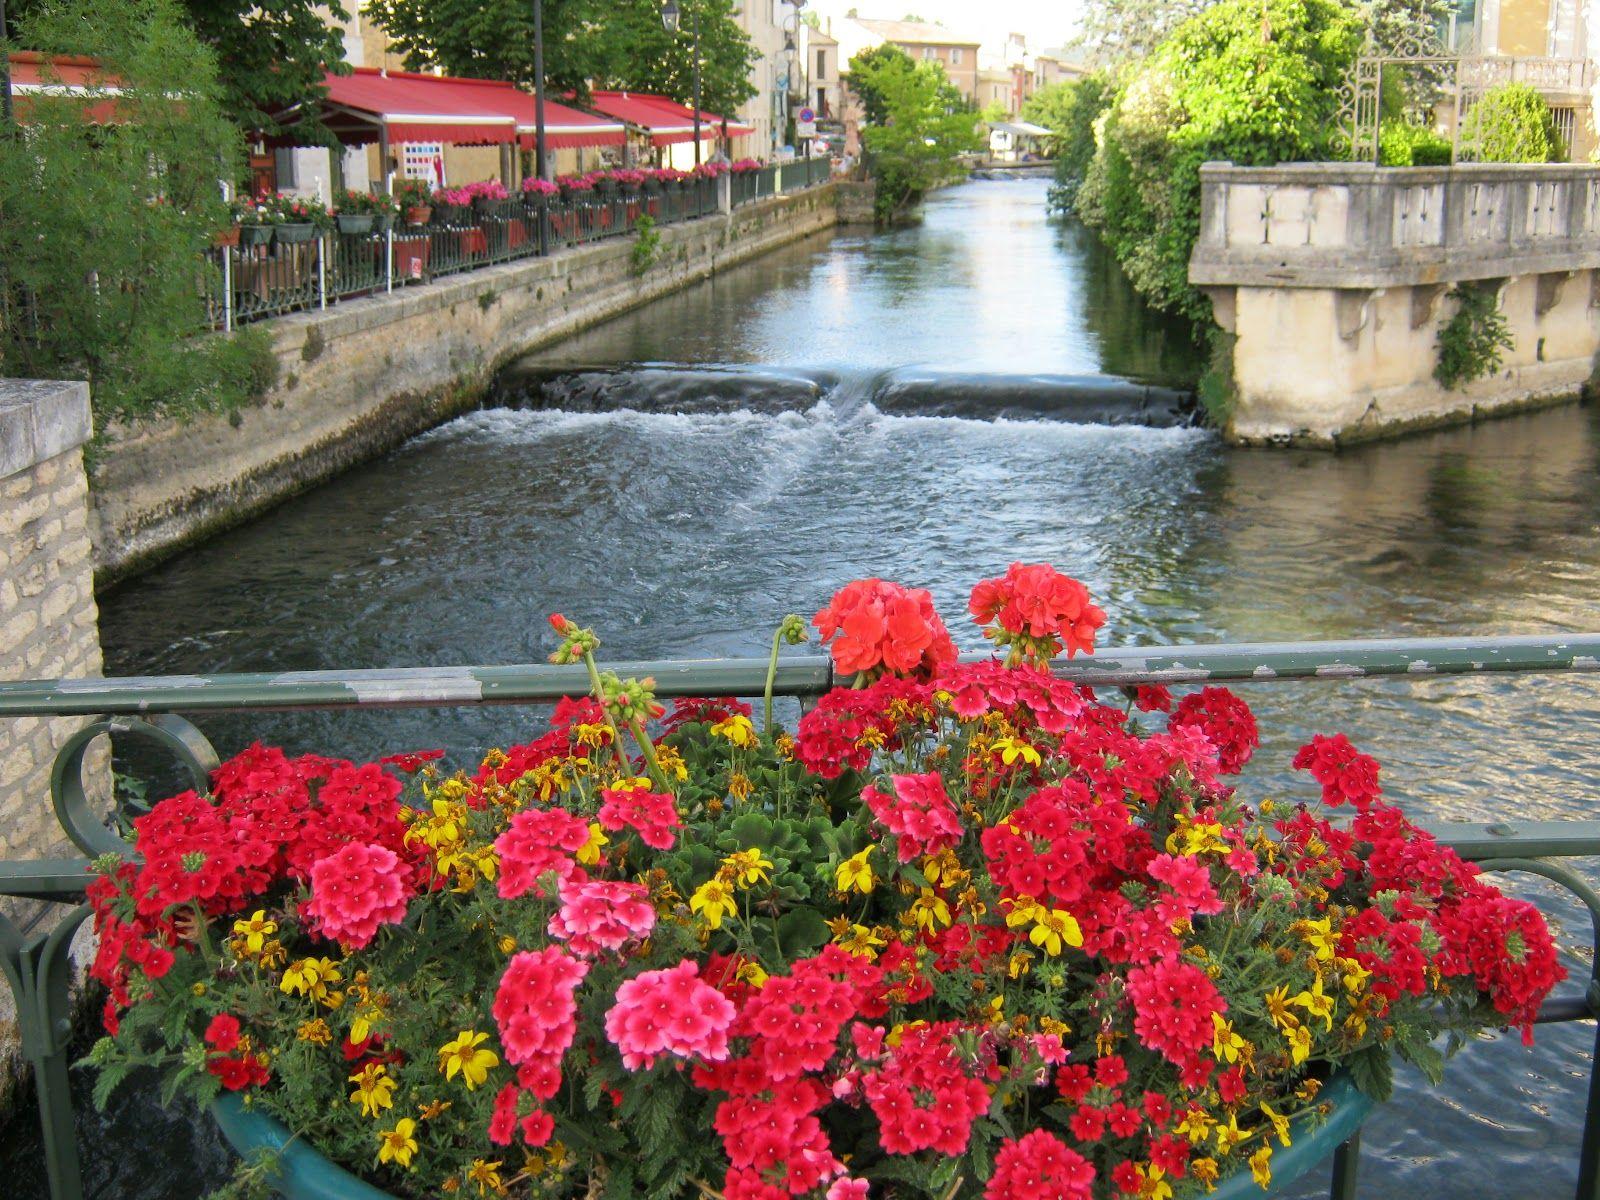 Provence France Beauty Shout Box Provence France Provence France Provence France